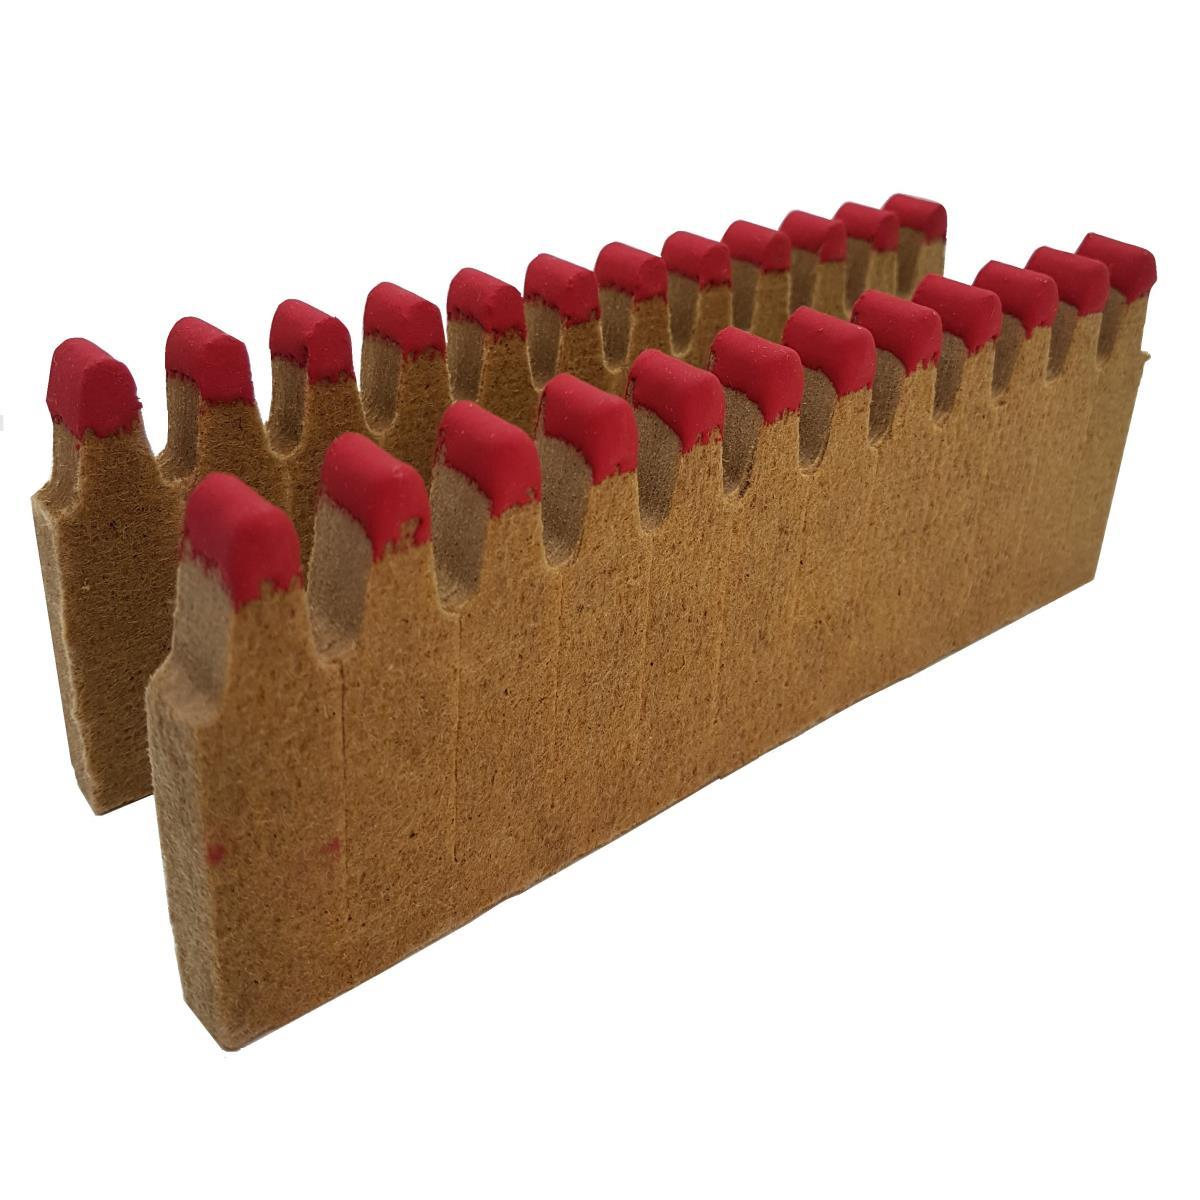 576 x Ofenanzünder Kaminanzünder Kohleanzünder Holzanzünder Grillanzünder ,KM Zündholz International,0000276, 0685293815014